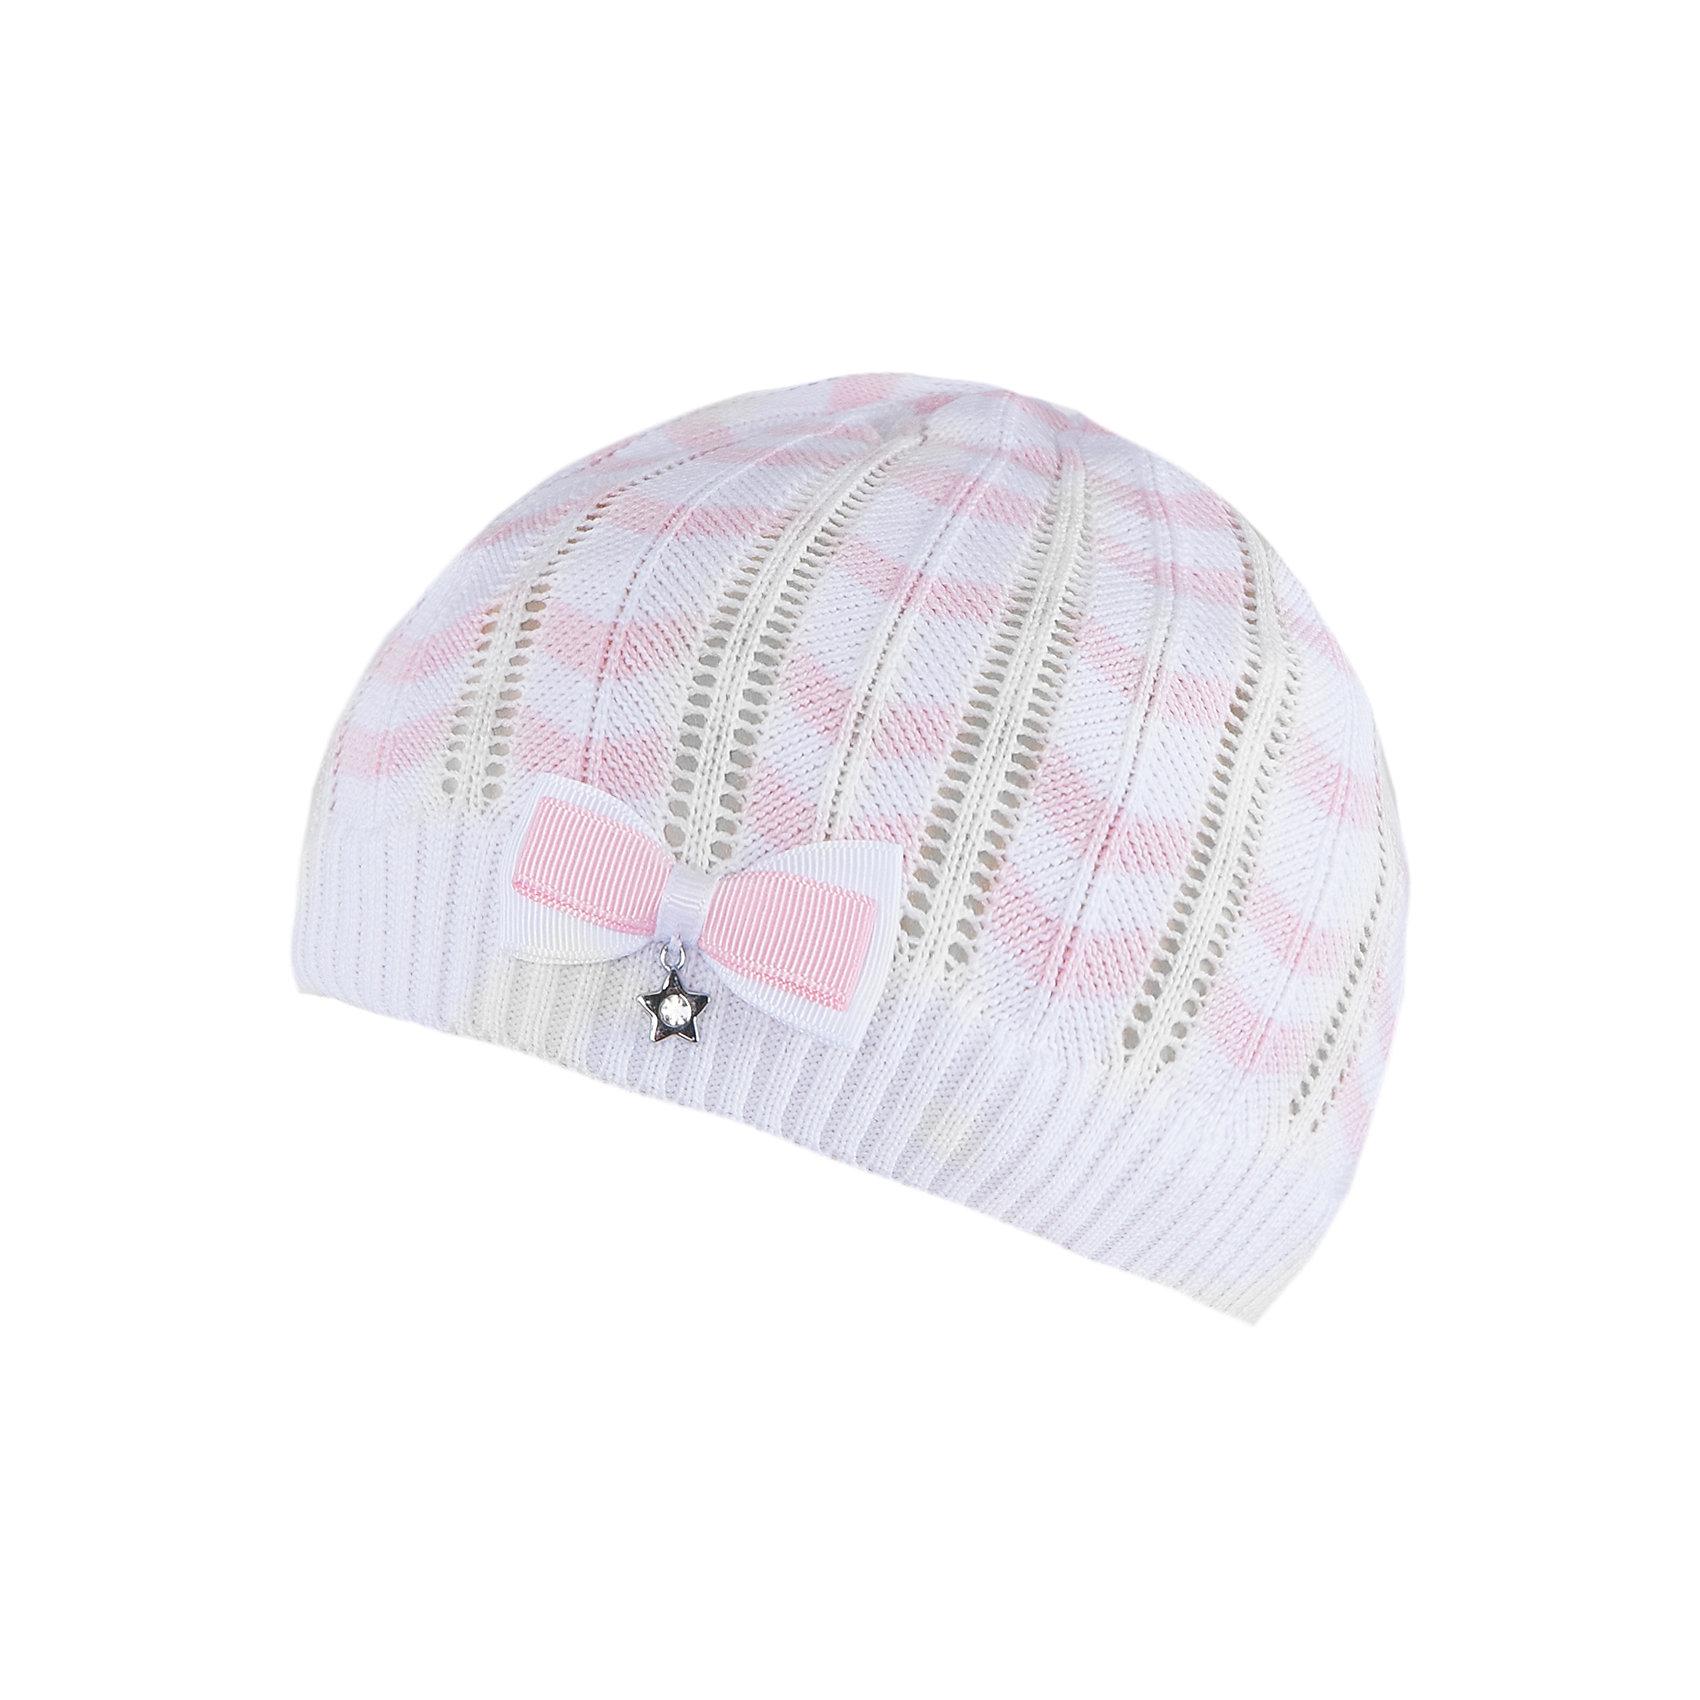 Шапка для девочки АртельШапка для девочки от торговой марки Артель <br><br>Ажурная шапка отлично смотрится на детях и комфортно сидит. Эта модель создана специально для девочек. Изделие выполнено из качественных материалов.<br>Одежда от бренда Артель – это высокое качество по приемлемой цене и всегда продуманный дизайн. <br><br>Особенности модели: <br>- цвет — белый; <br>- украшена бантом; <br>- натуральный хлопок с добавкой пана. <br><br>Дополнительная информация: <br><br>Состав: 50% хлопок, 50% пан.<br><br>Шапку для девочки Артель (Artel) можно купить в нашем магазине.<br><br>Ширина мм: 89<br>Глубина мм: 117<br>Высота мм: 44<br>Вес г: 155<br>Цвет: белый<br>Возраст от месяцев: 72<br>Возраст до месяцев: 84<br>Пол: Женский<br>Возраст: Детский<br>Размер: 50,52,54,48<br>SKU: 4500541